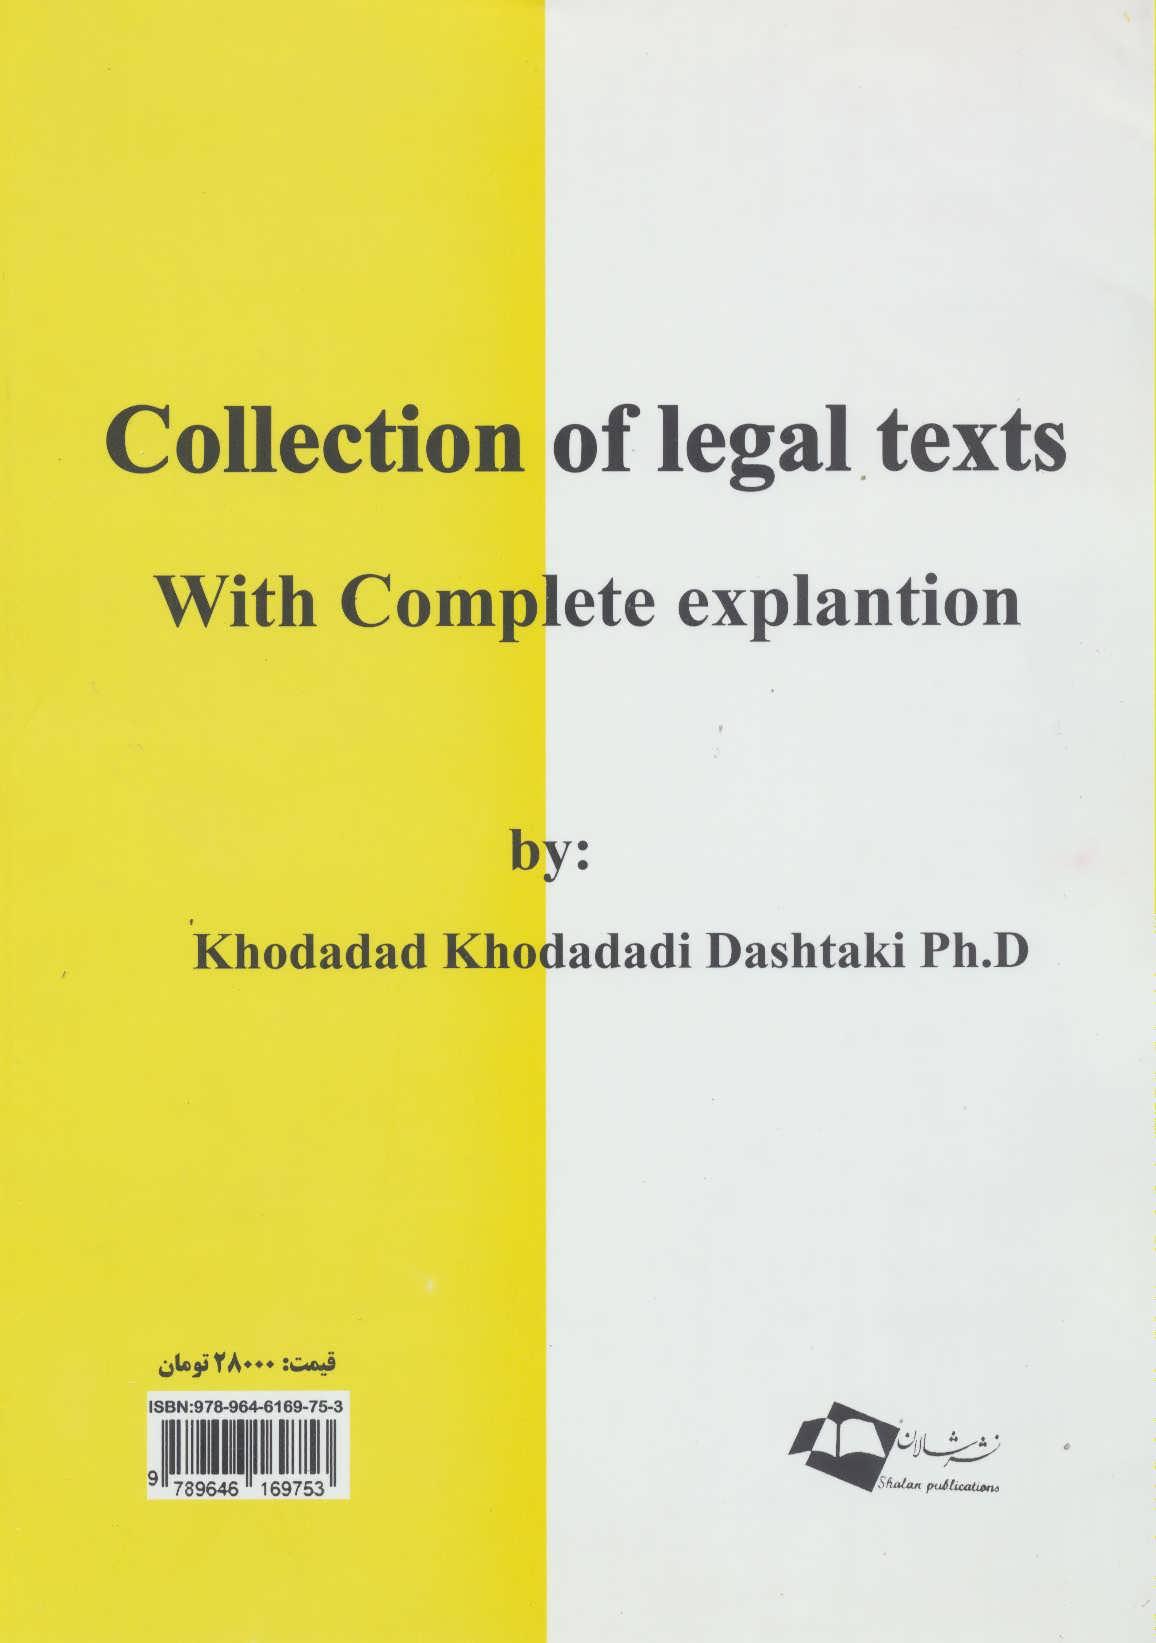 مجموعه آزمون های متون حقوقی (همراه با توضیح کامل)،(2زبانه)